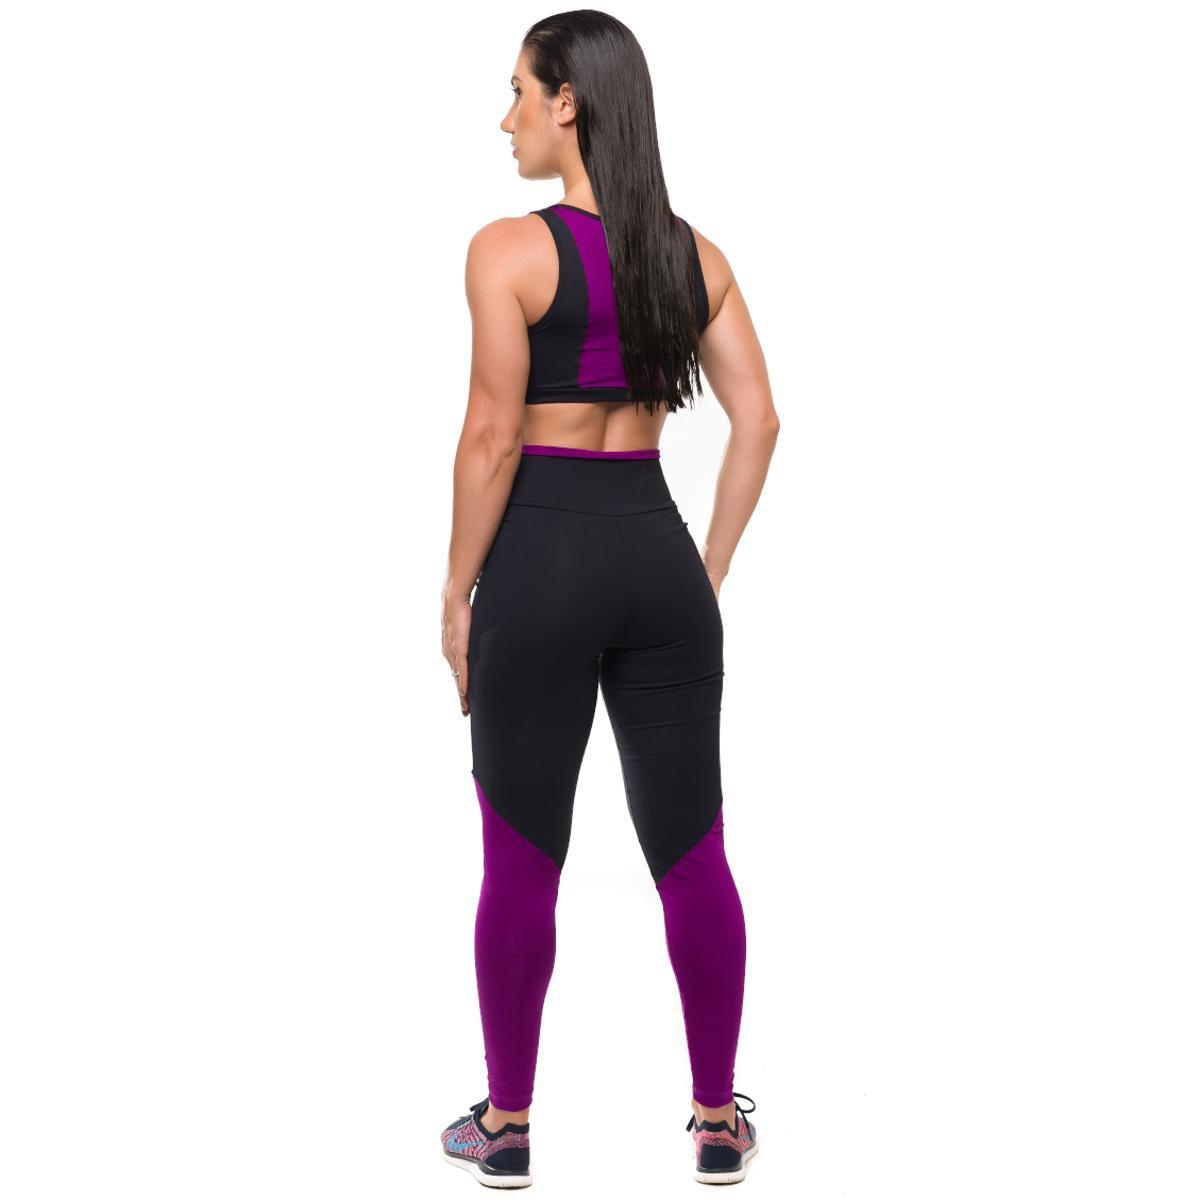 e Preto Solar Glam Legging Roxo Fitness Com Feminino Sandy Top Conjunto Proteção z1vgTdx